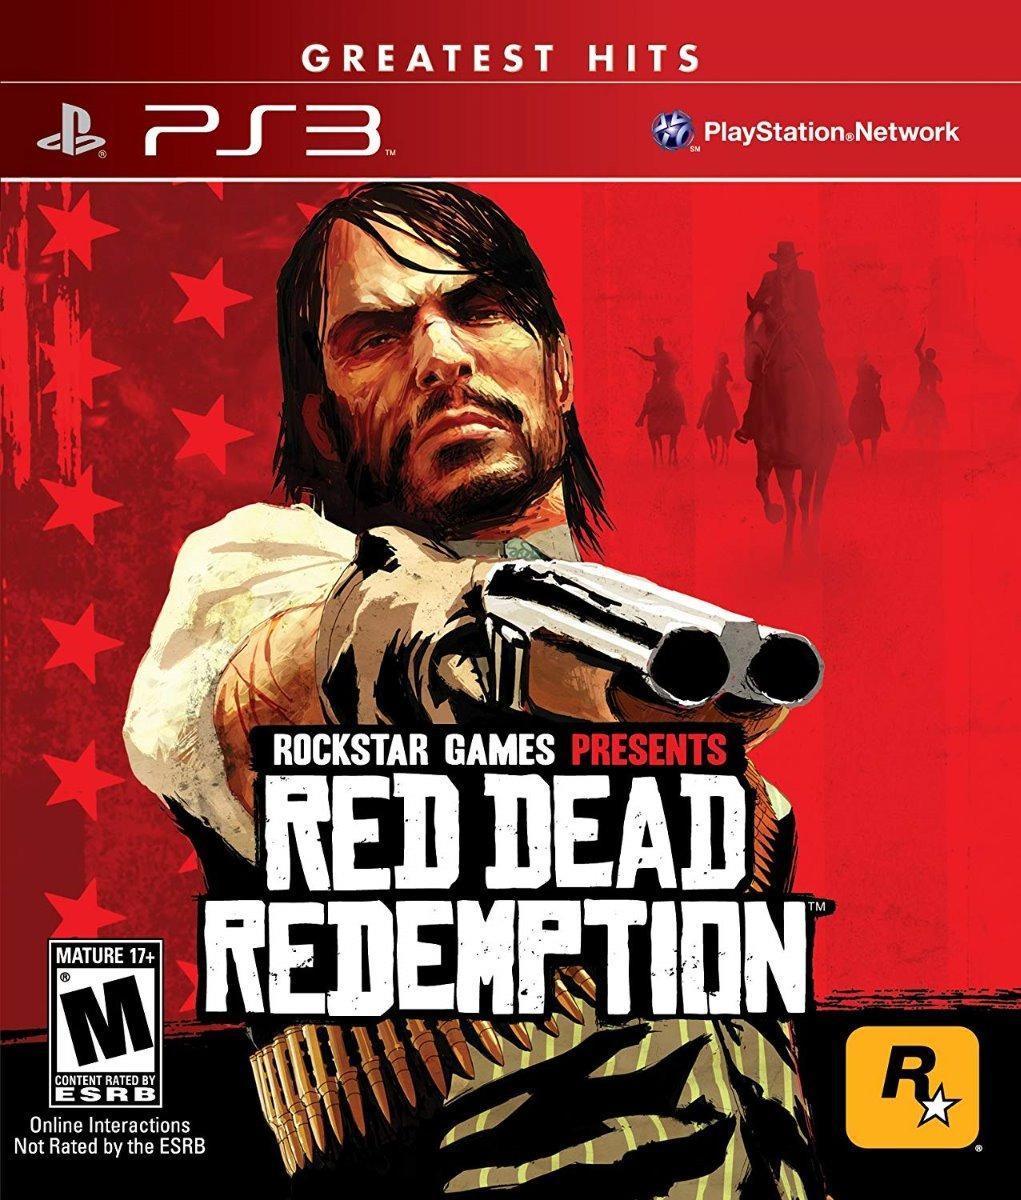 RED DEAD REDEMPTION SEMINUEVO